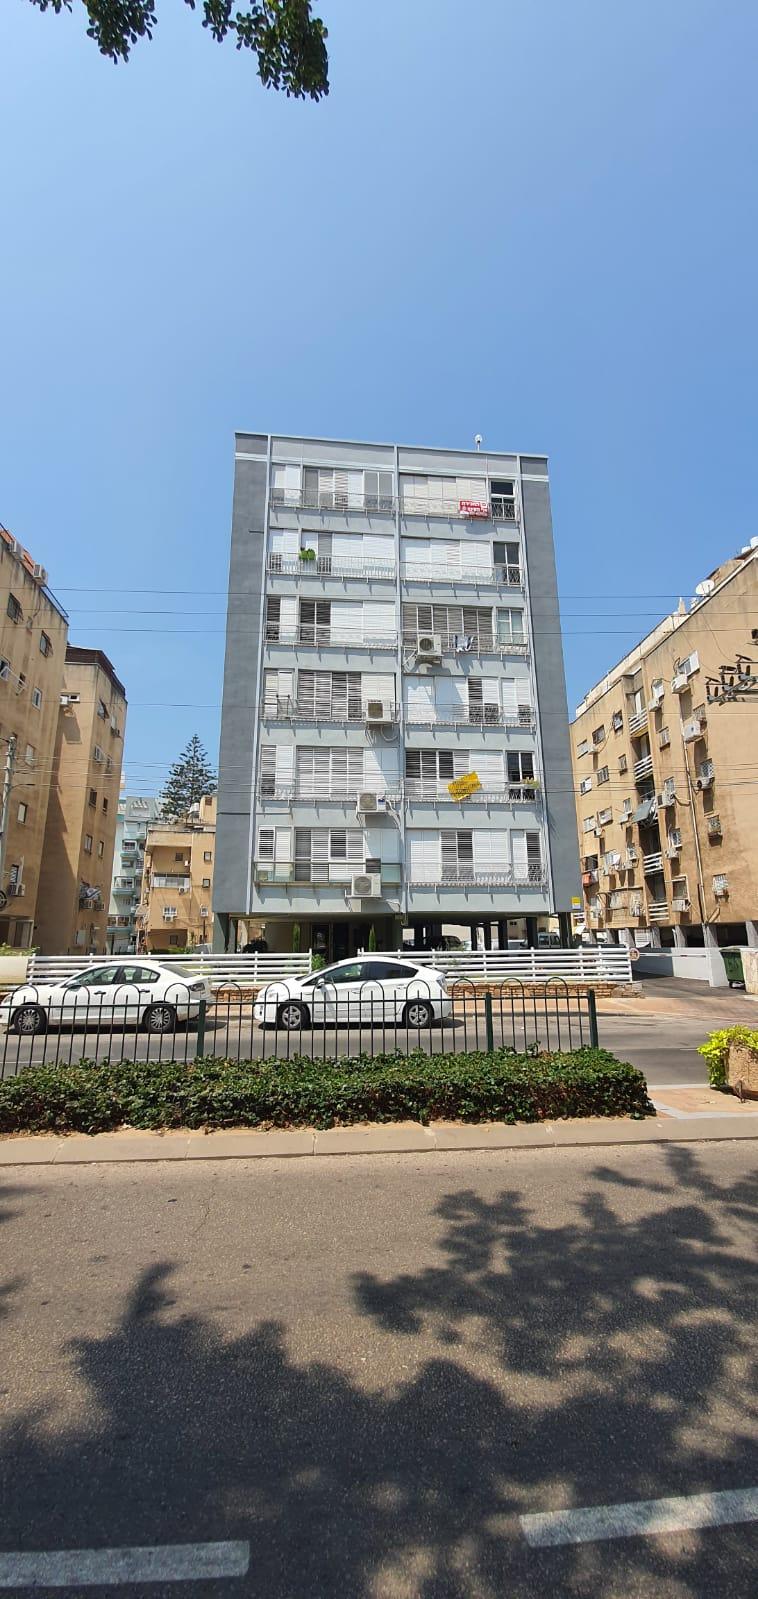 דירת גג 4 חדרים, רחוב פתח תקווה, מרכז העיר